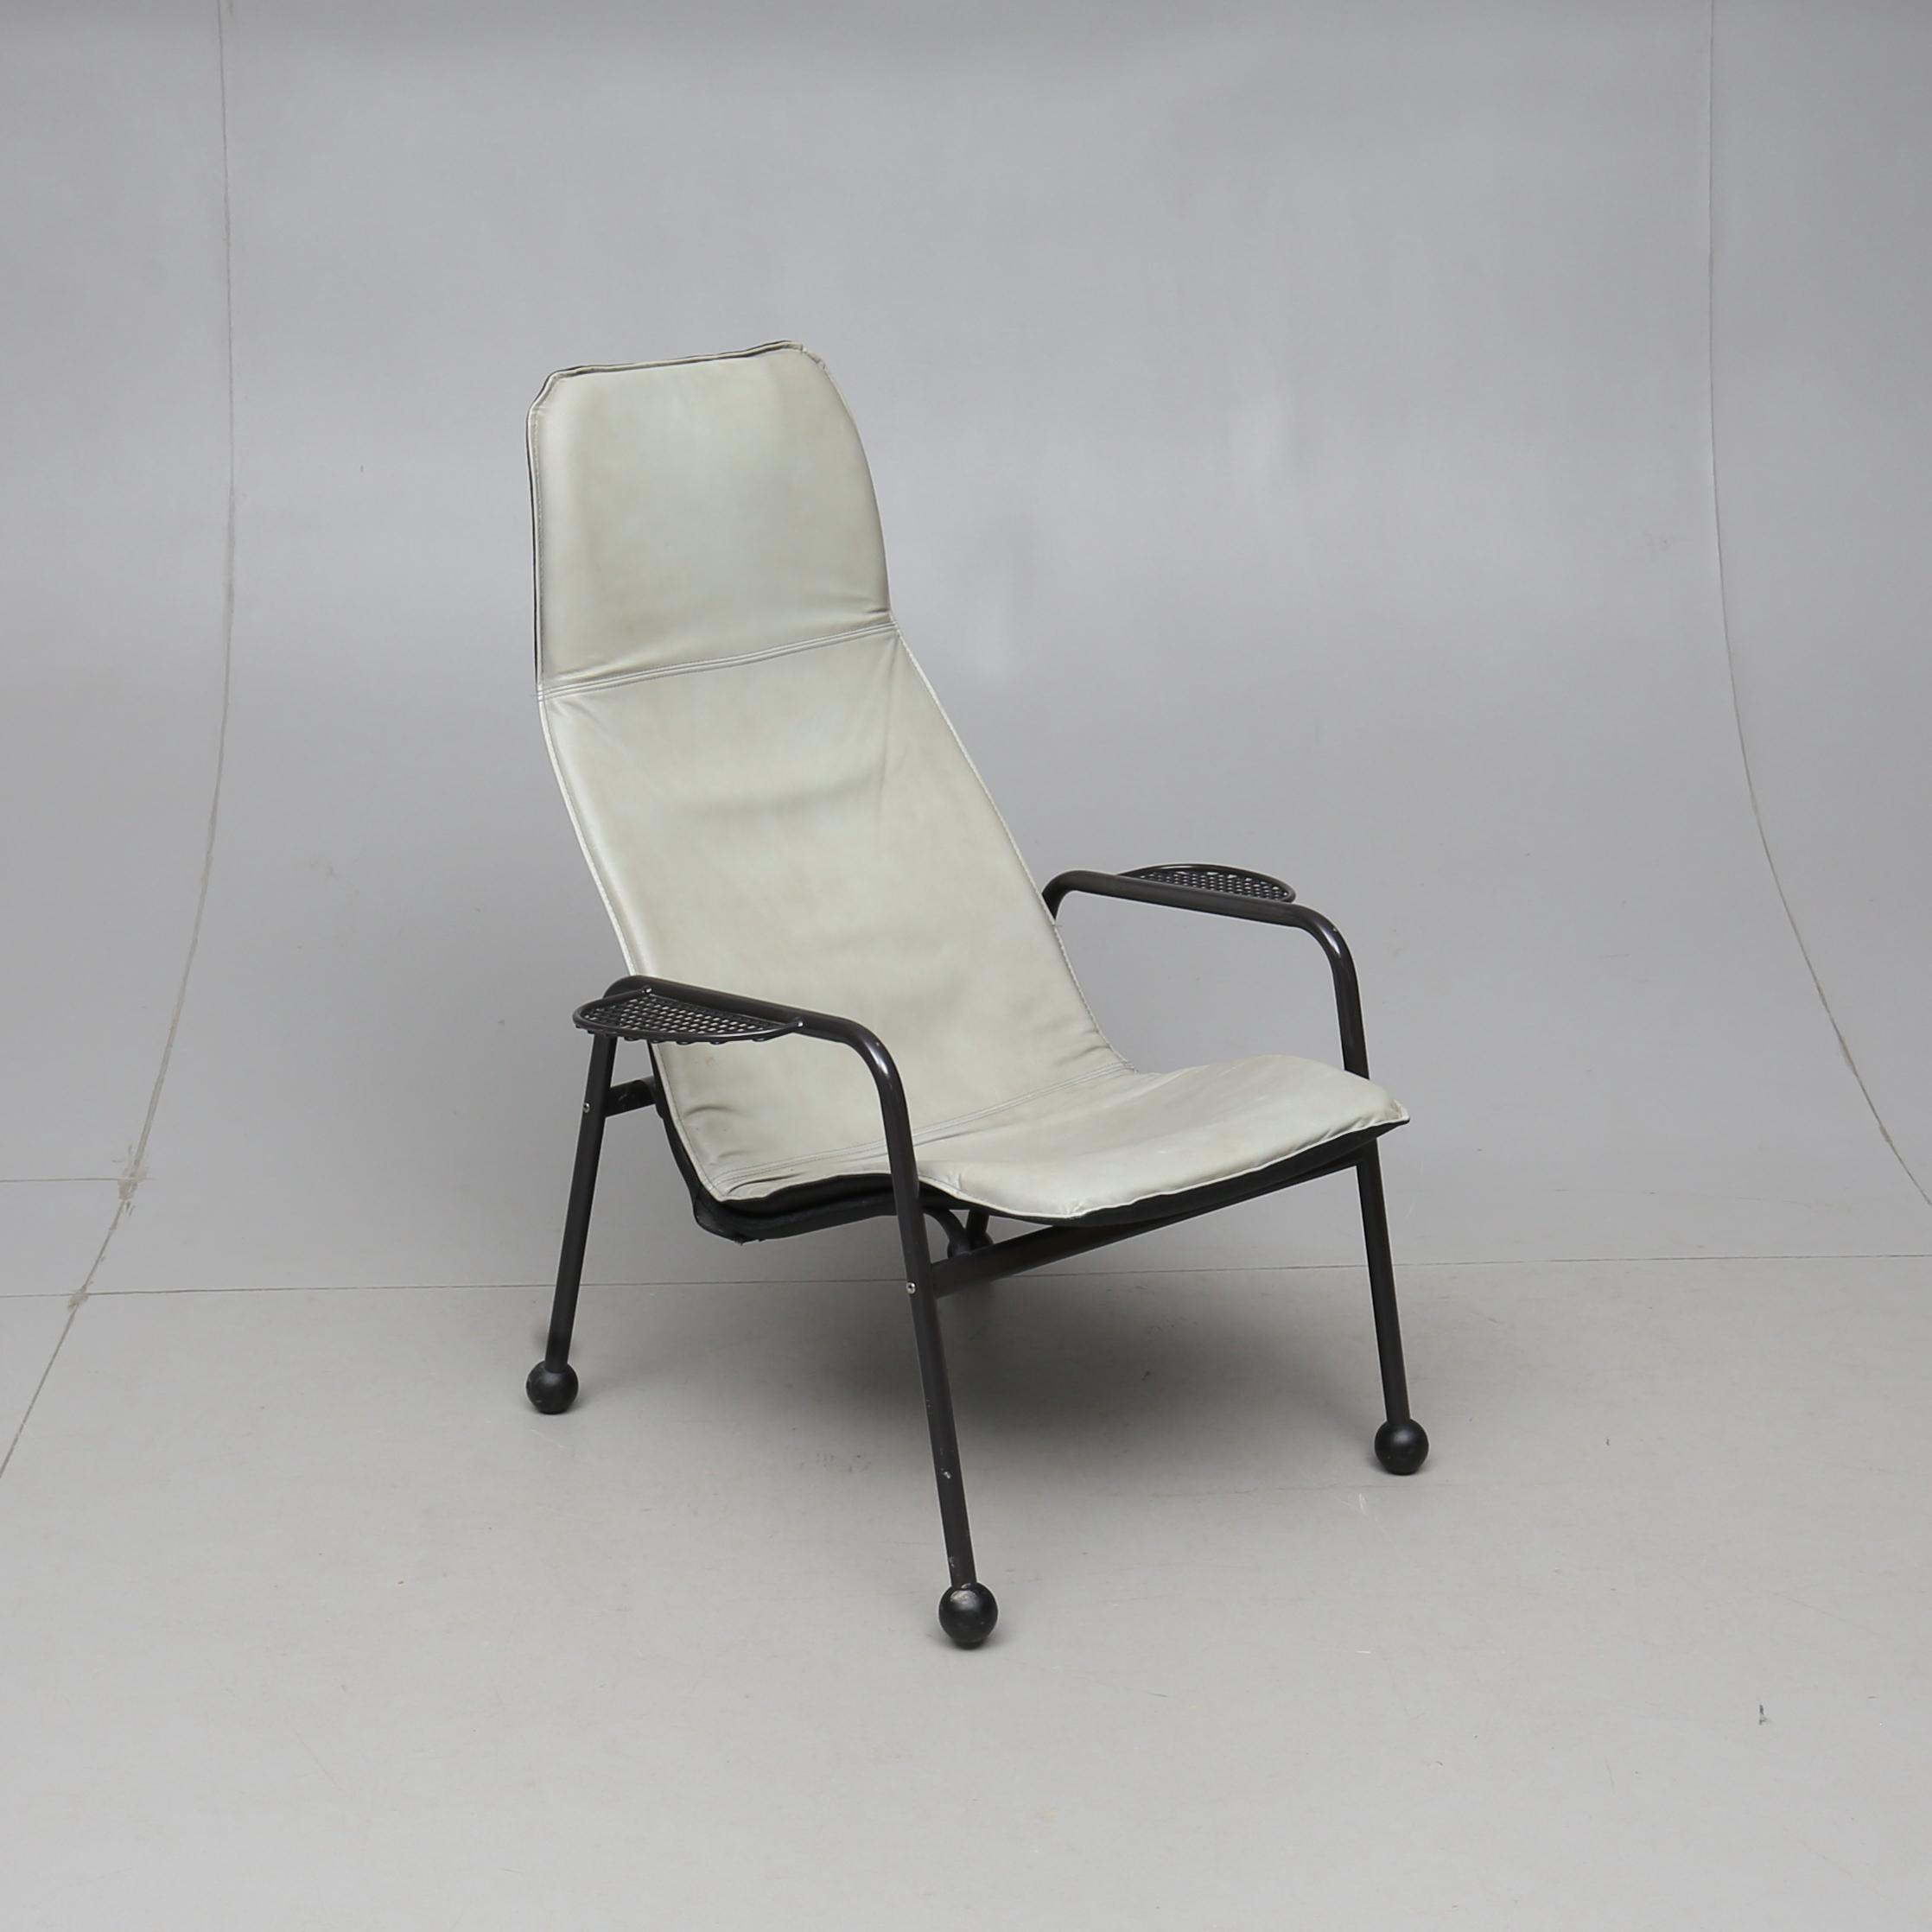 FÅTÖLJ, Exen, Tord Björklund, Ikea, 1980 90 tal. Möbler